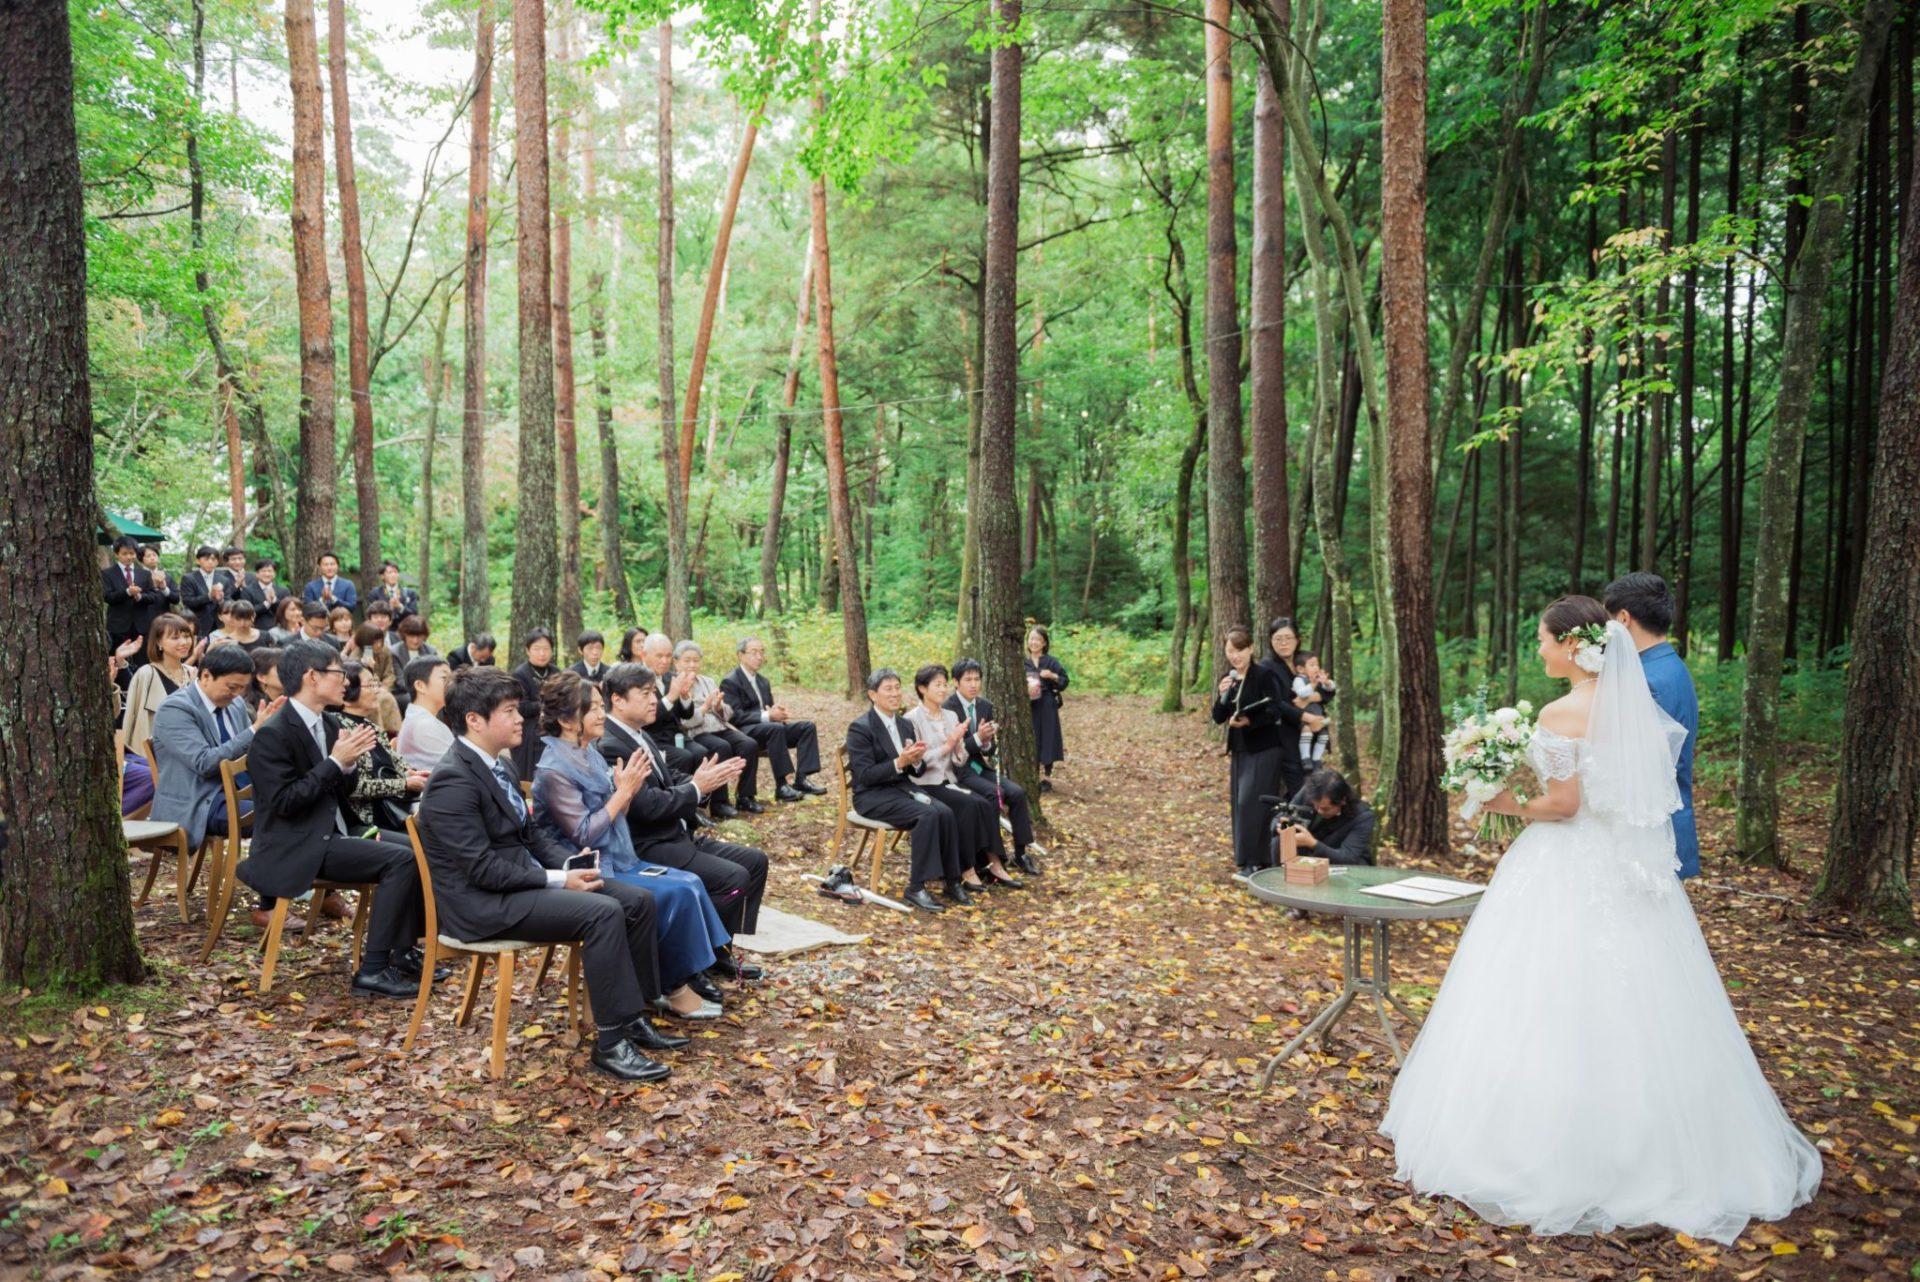 べるが(verga)での結婚式-承認の拍手